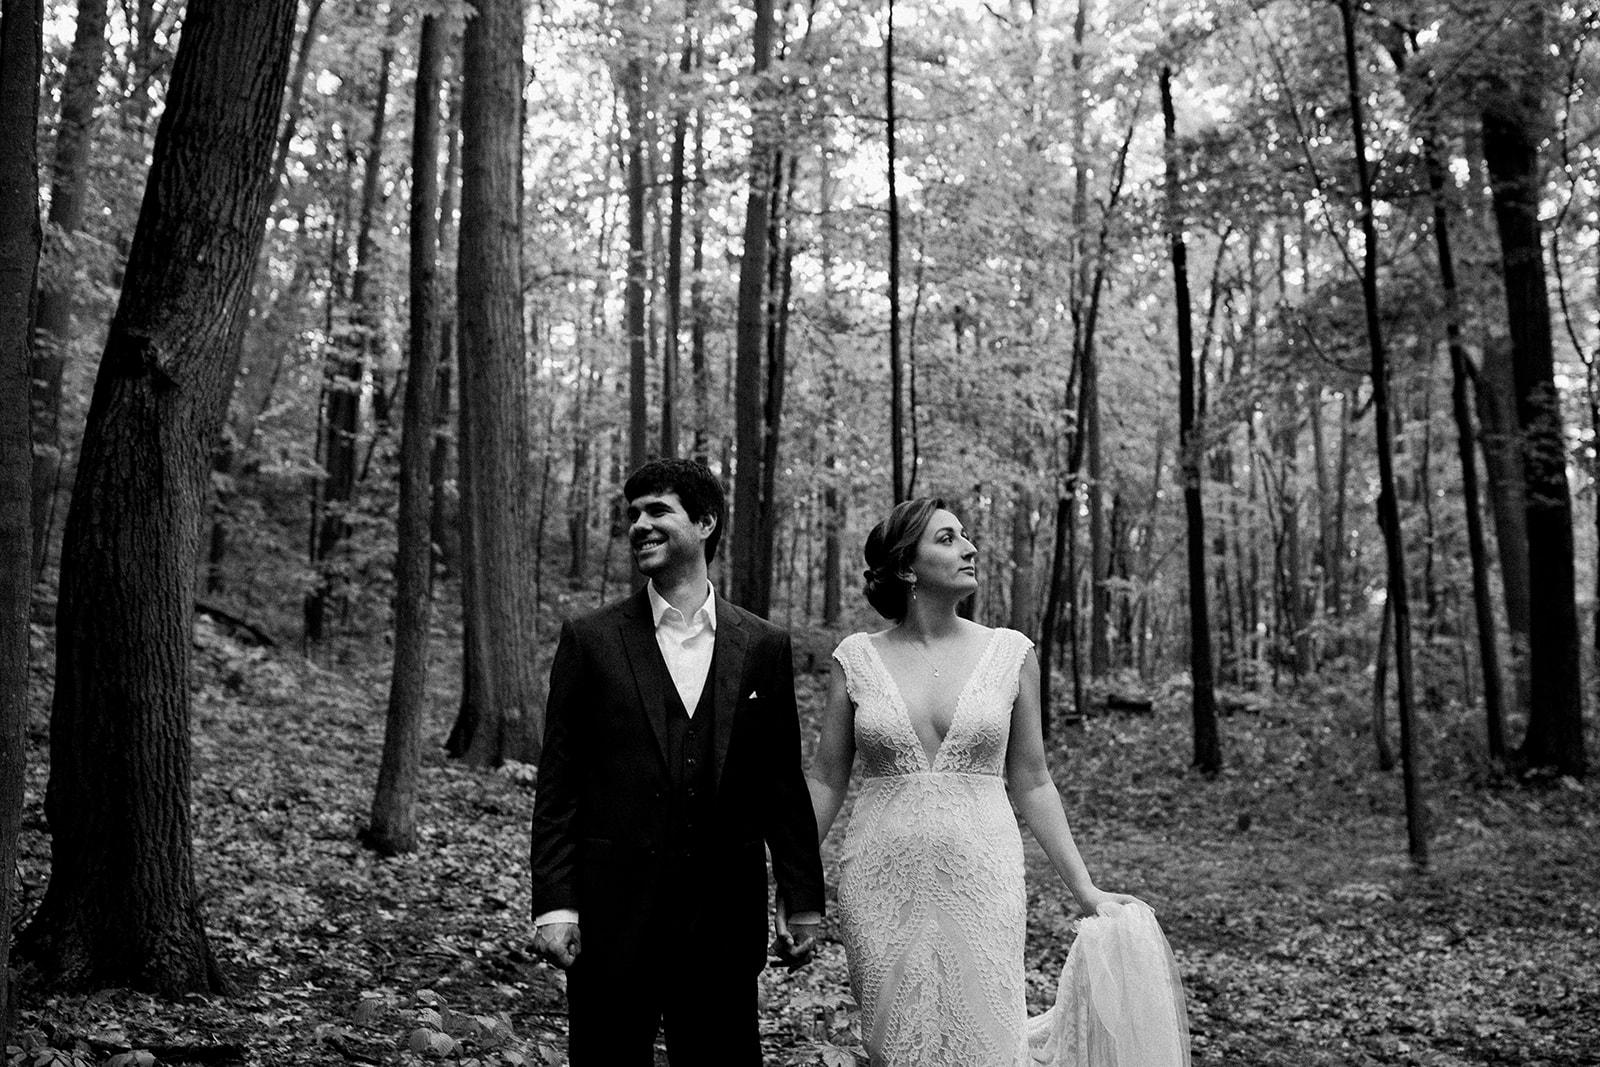 2019-06-01-00-Lindsey+Mat-04_Couples_Portraits-meandhimphoto-0020-T5D18208.jpg